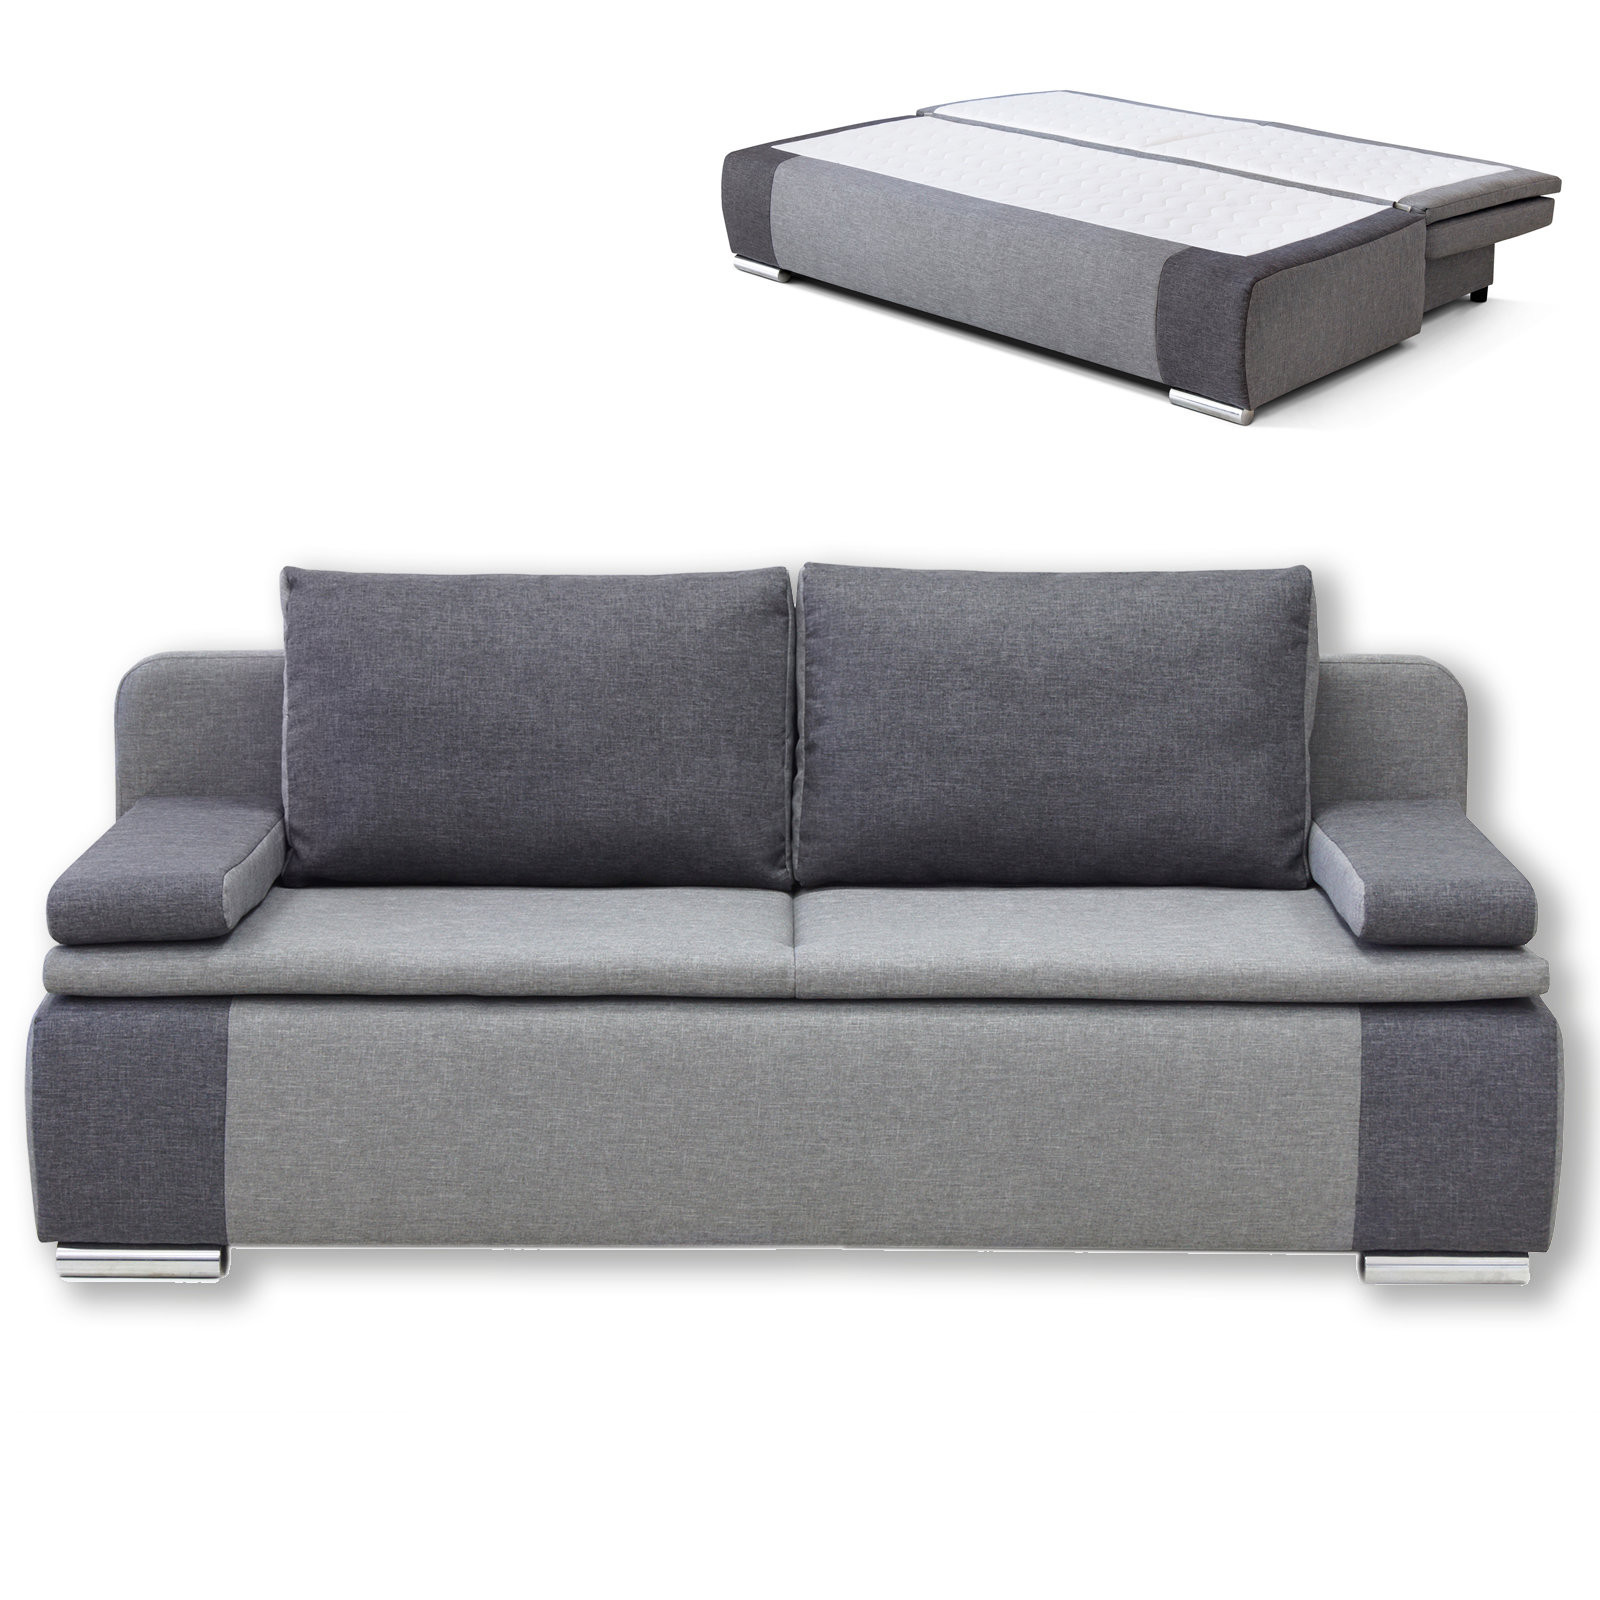 Schlafsofa Grau  Schlafsofa grau mit Staukasten Dauerschläfer